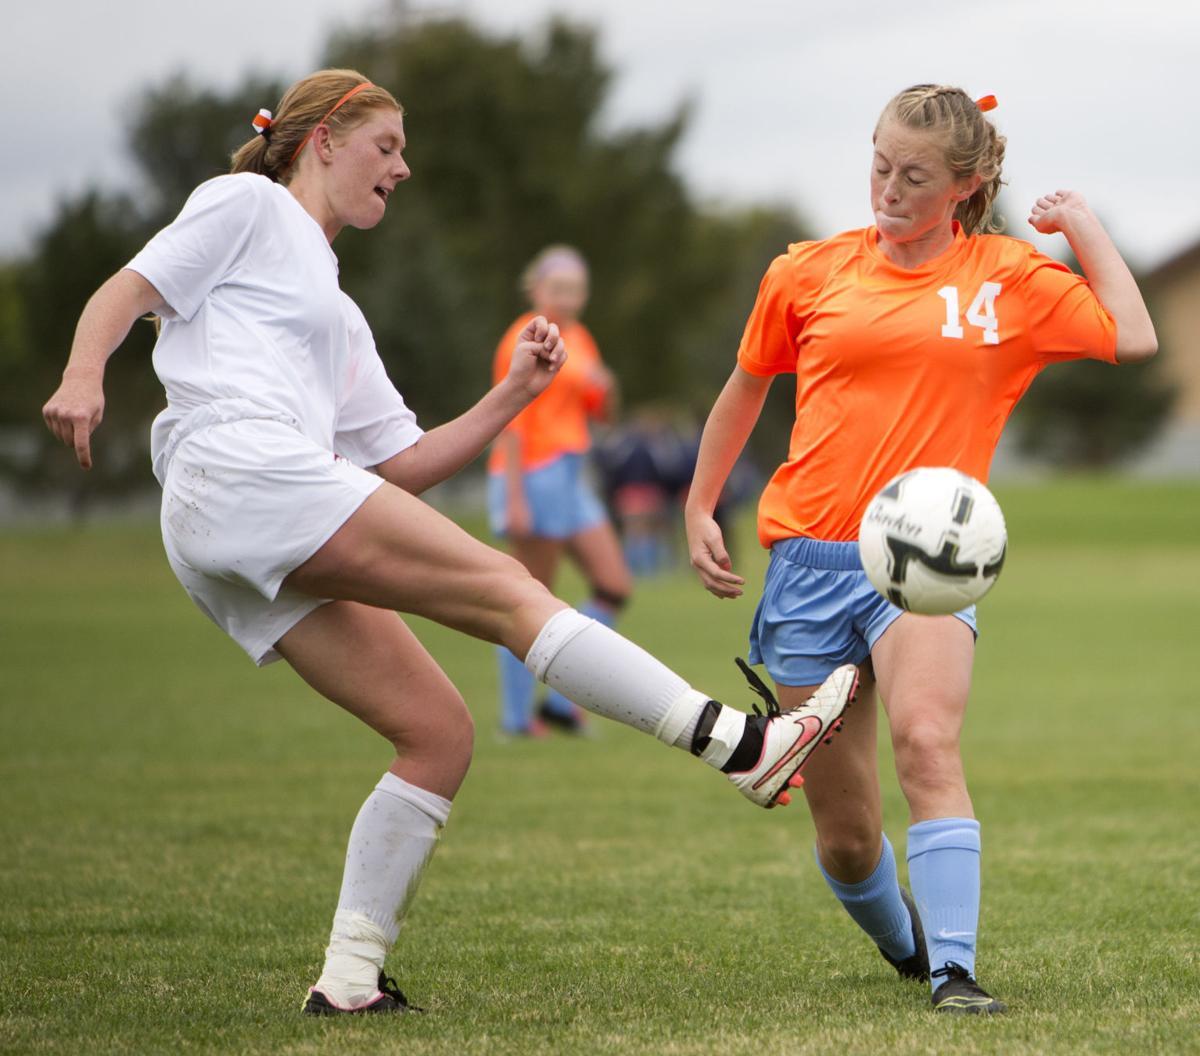 Canyon Ridge vs. Twin Falls girls soccer